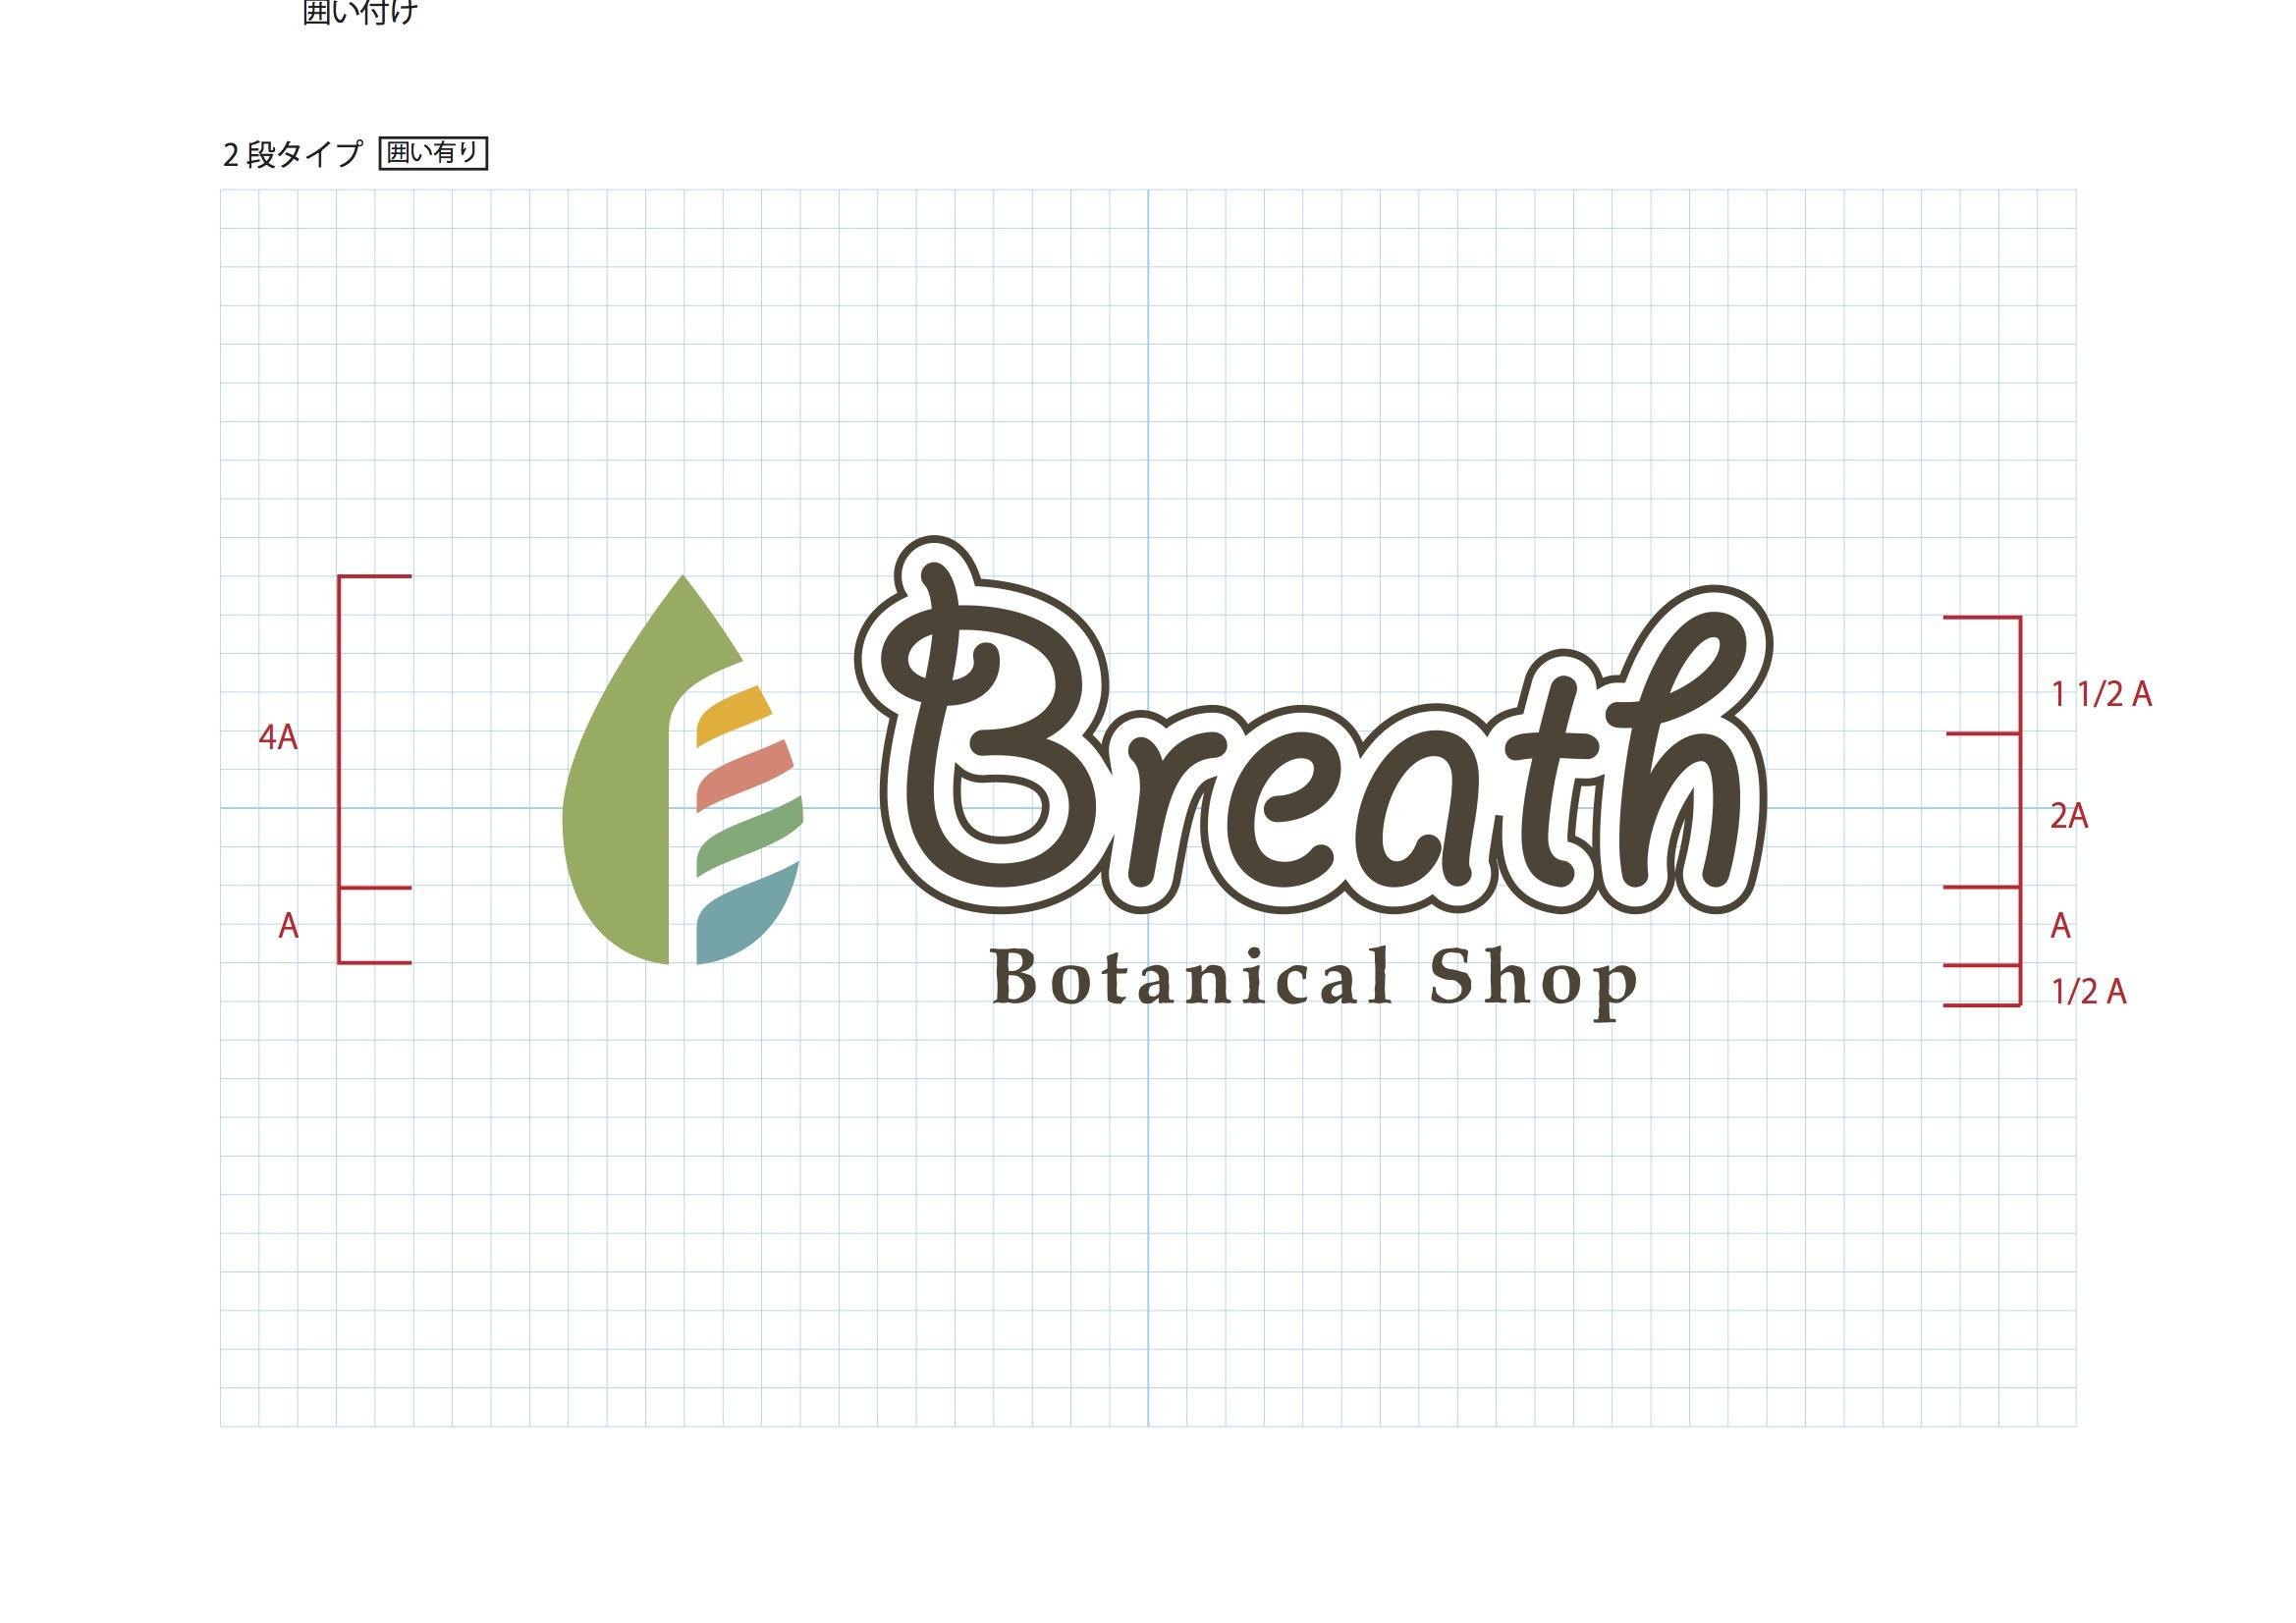 BreathBotanical Shop logo